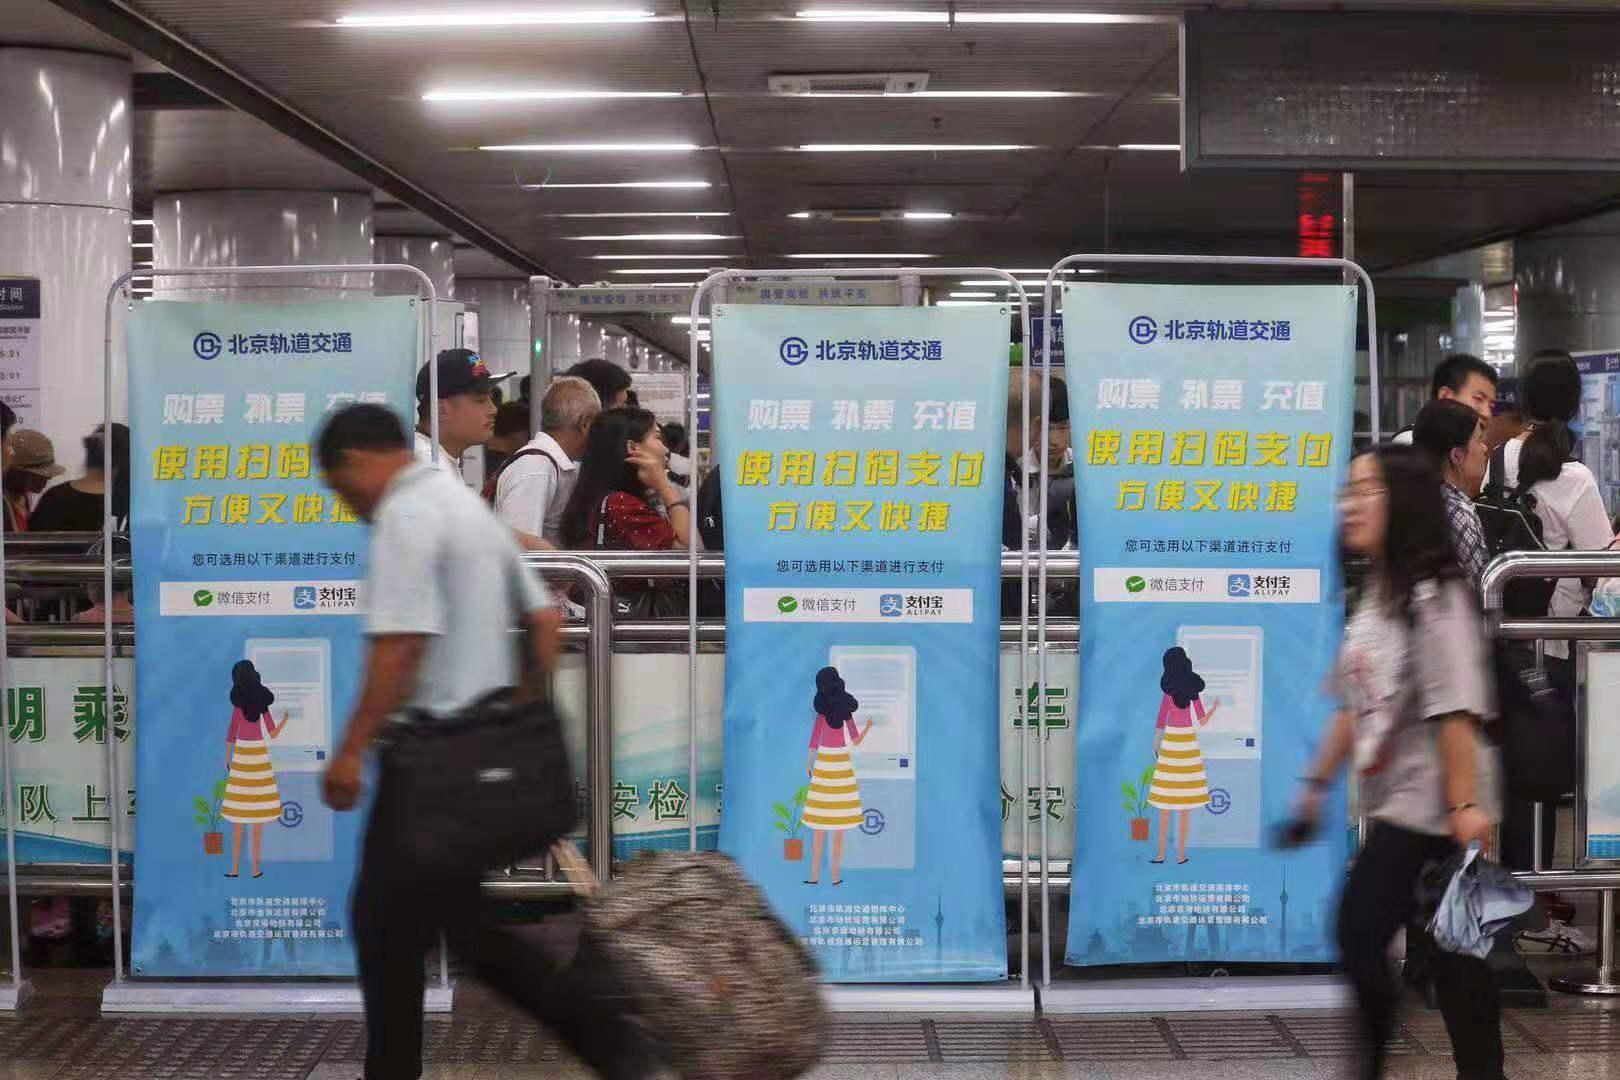 8月底,微信、支付宝购票充值将覆盖北京所有地铁站